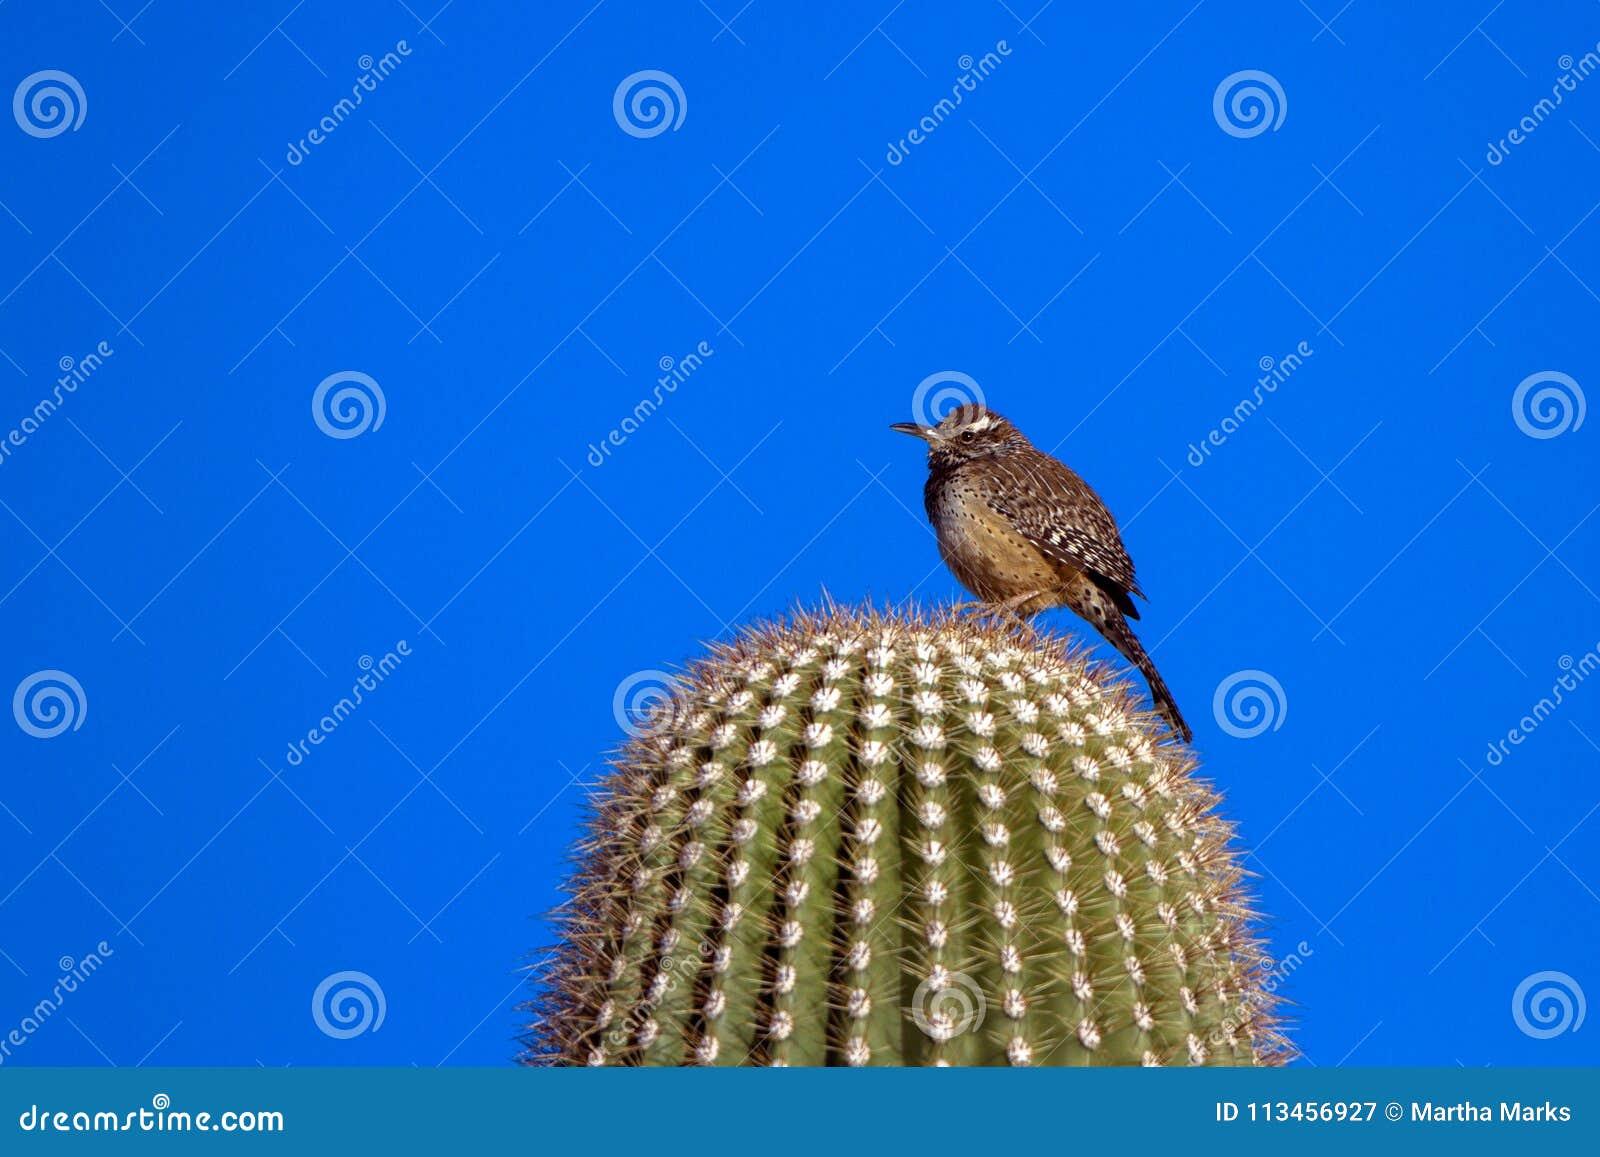 Cactuswinterkoninkje bij dageraad op een Reuzesaguaro-cactus in de Sonoran-Woestijn van zuidelijk Arizona